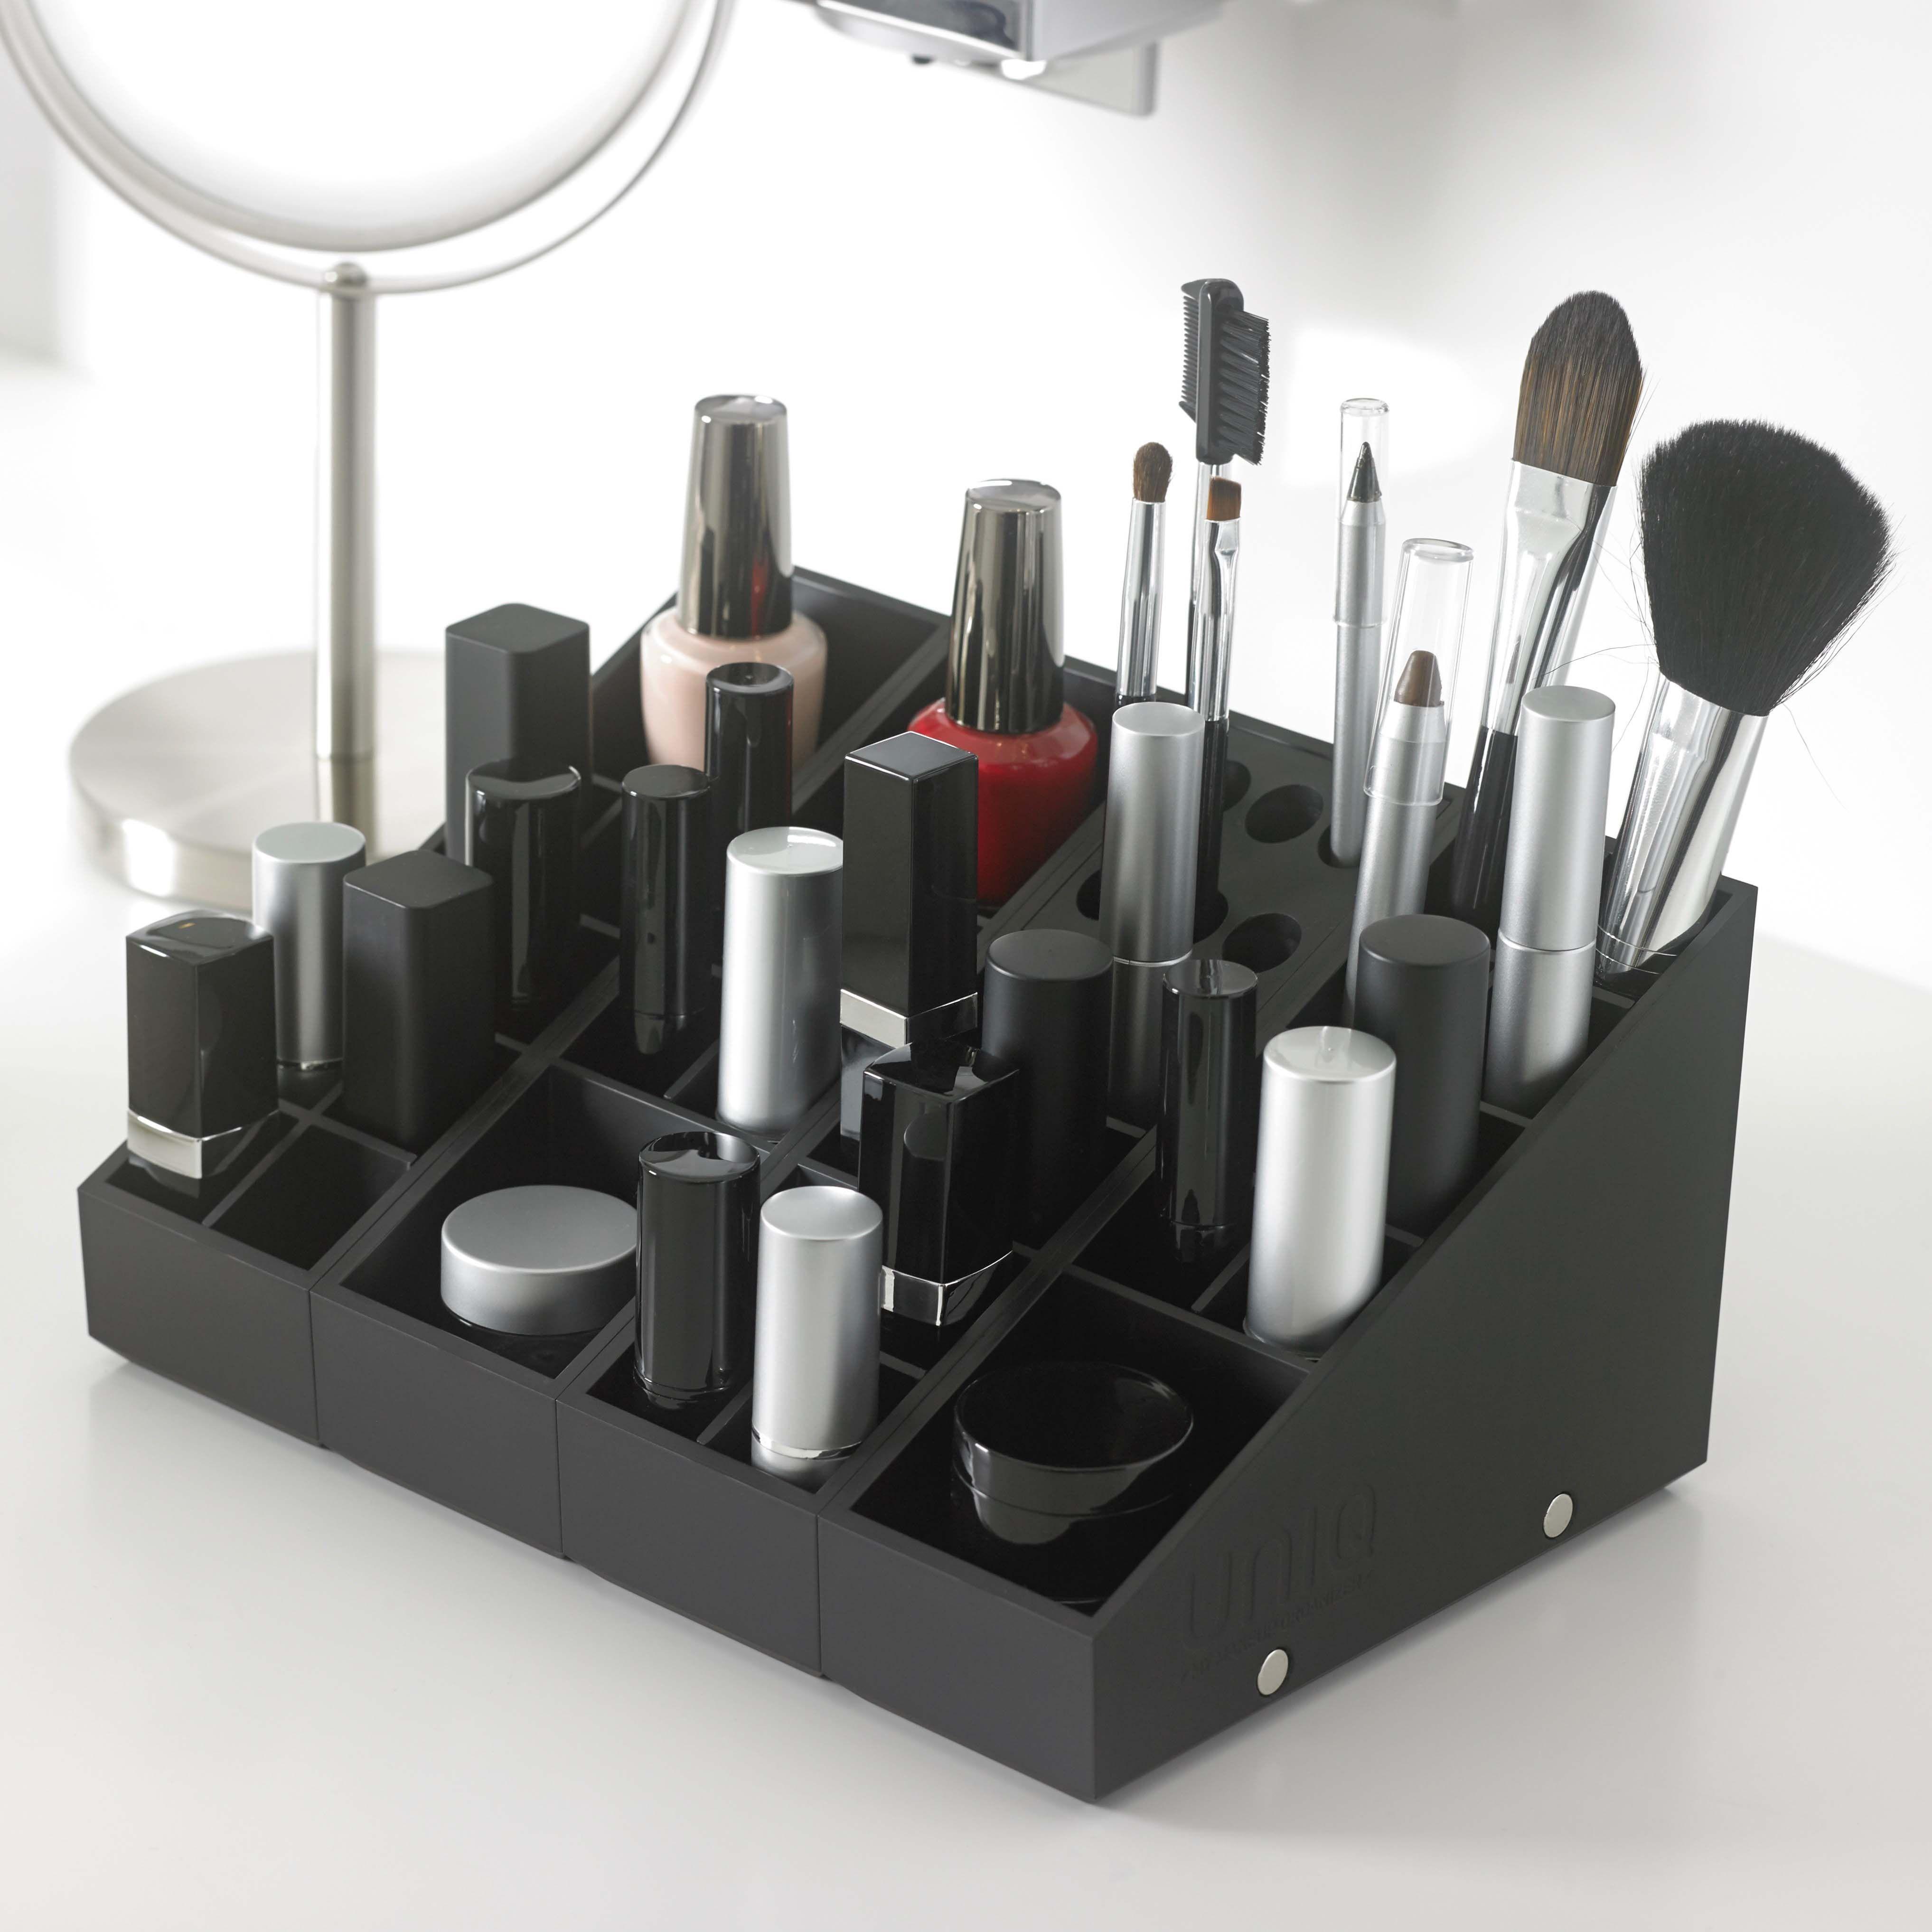 Rangement De Printemps Passez A L Action Avec Uniq Organizer La Solution Ideale Rangements Maquillage Boite Rangement Maquillage Organisation Maquillage